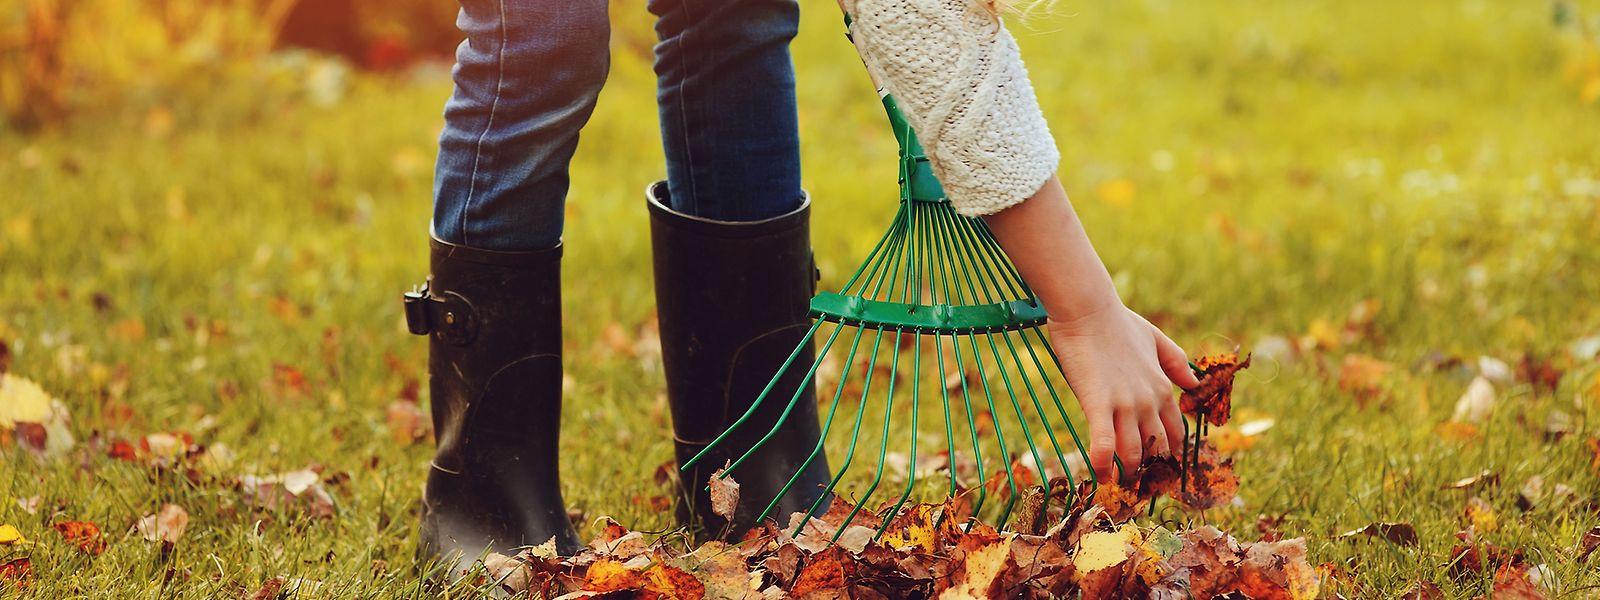 Blätter, die vom Rasen entfernt werden, finden unter Sträuchern einen sinnvollen Platz.